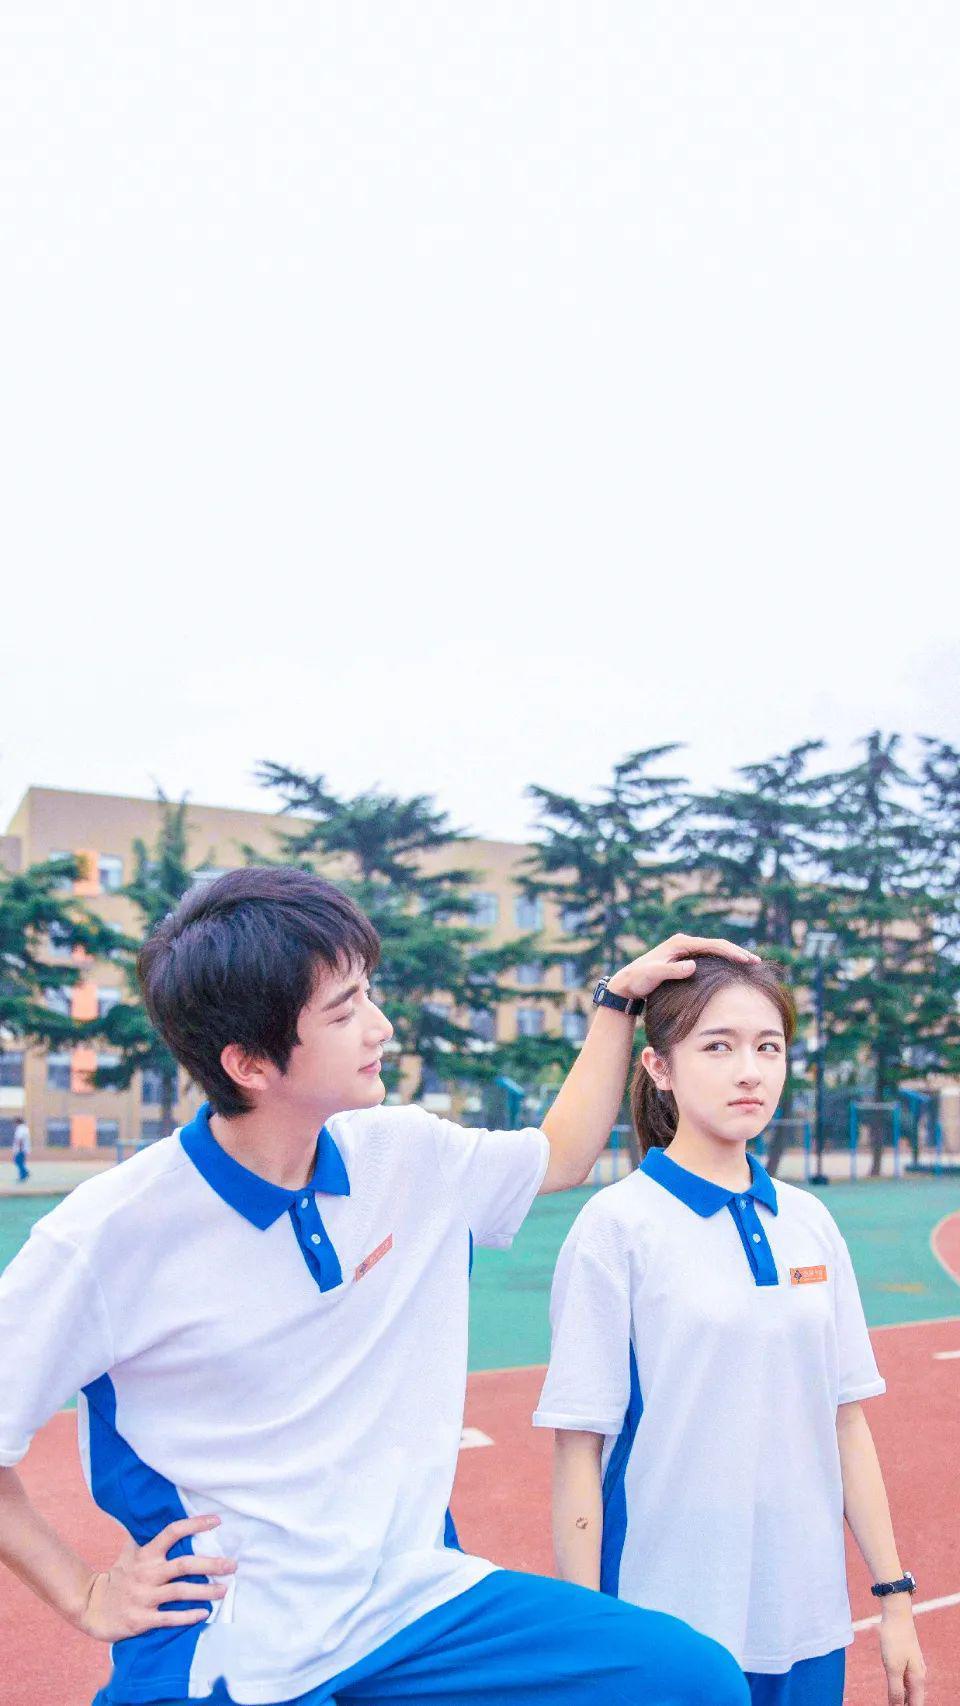 刘昊然、白敬亭、张新成身上的少年感到底从何而来?